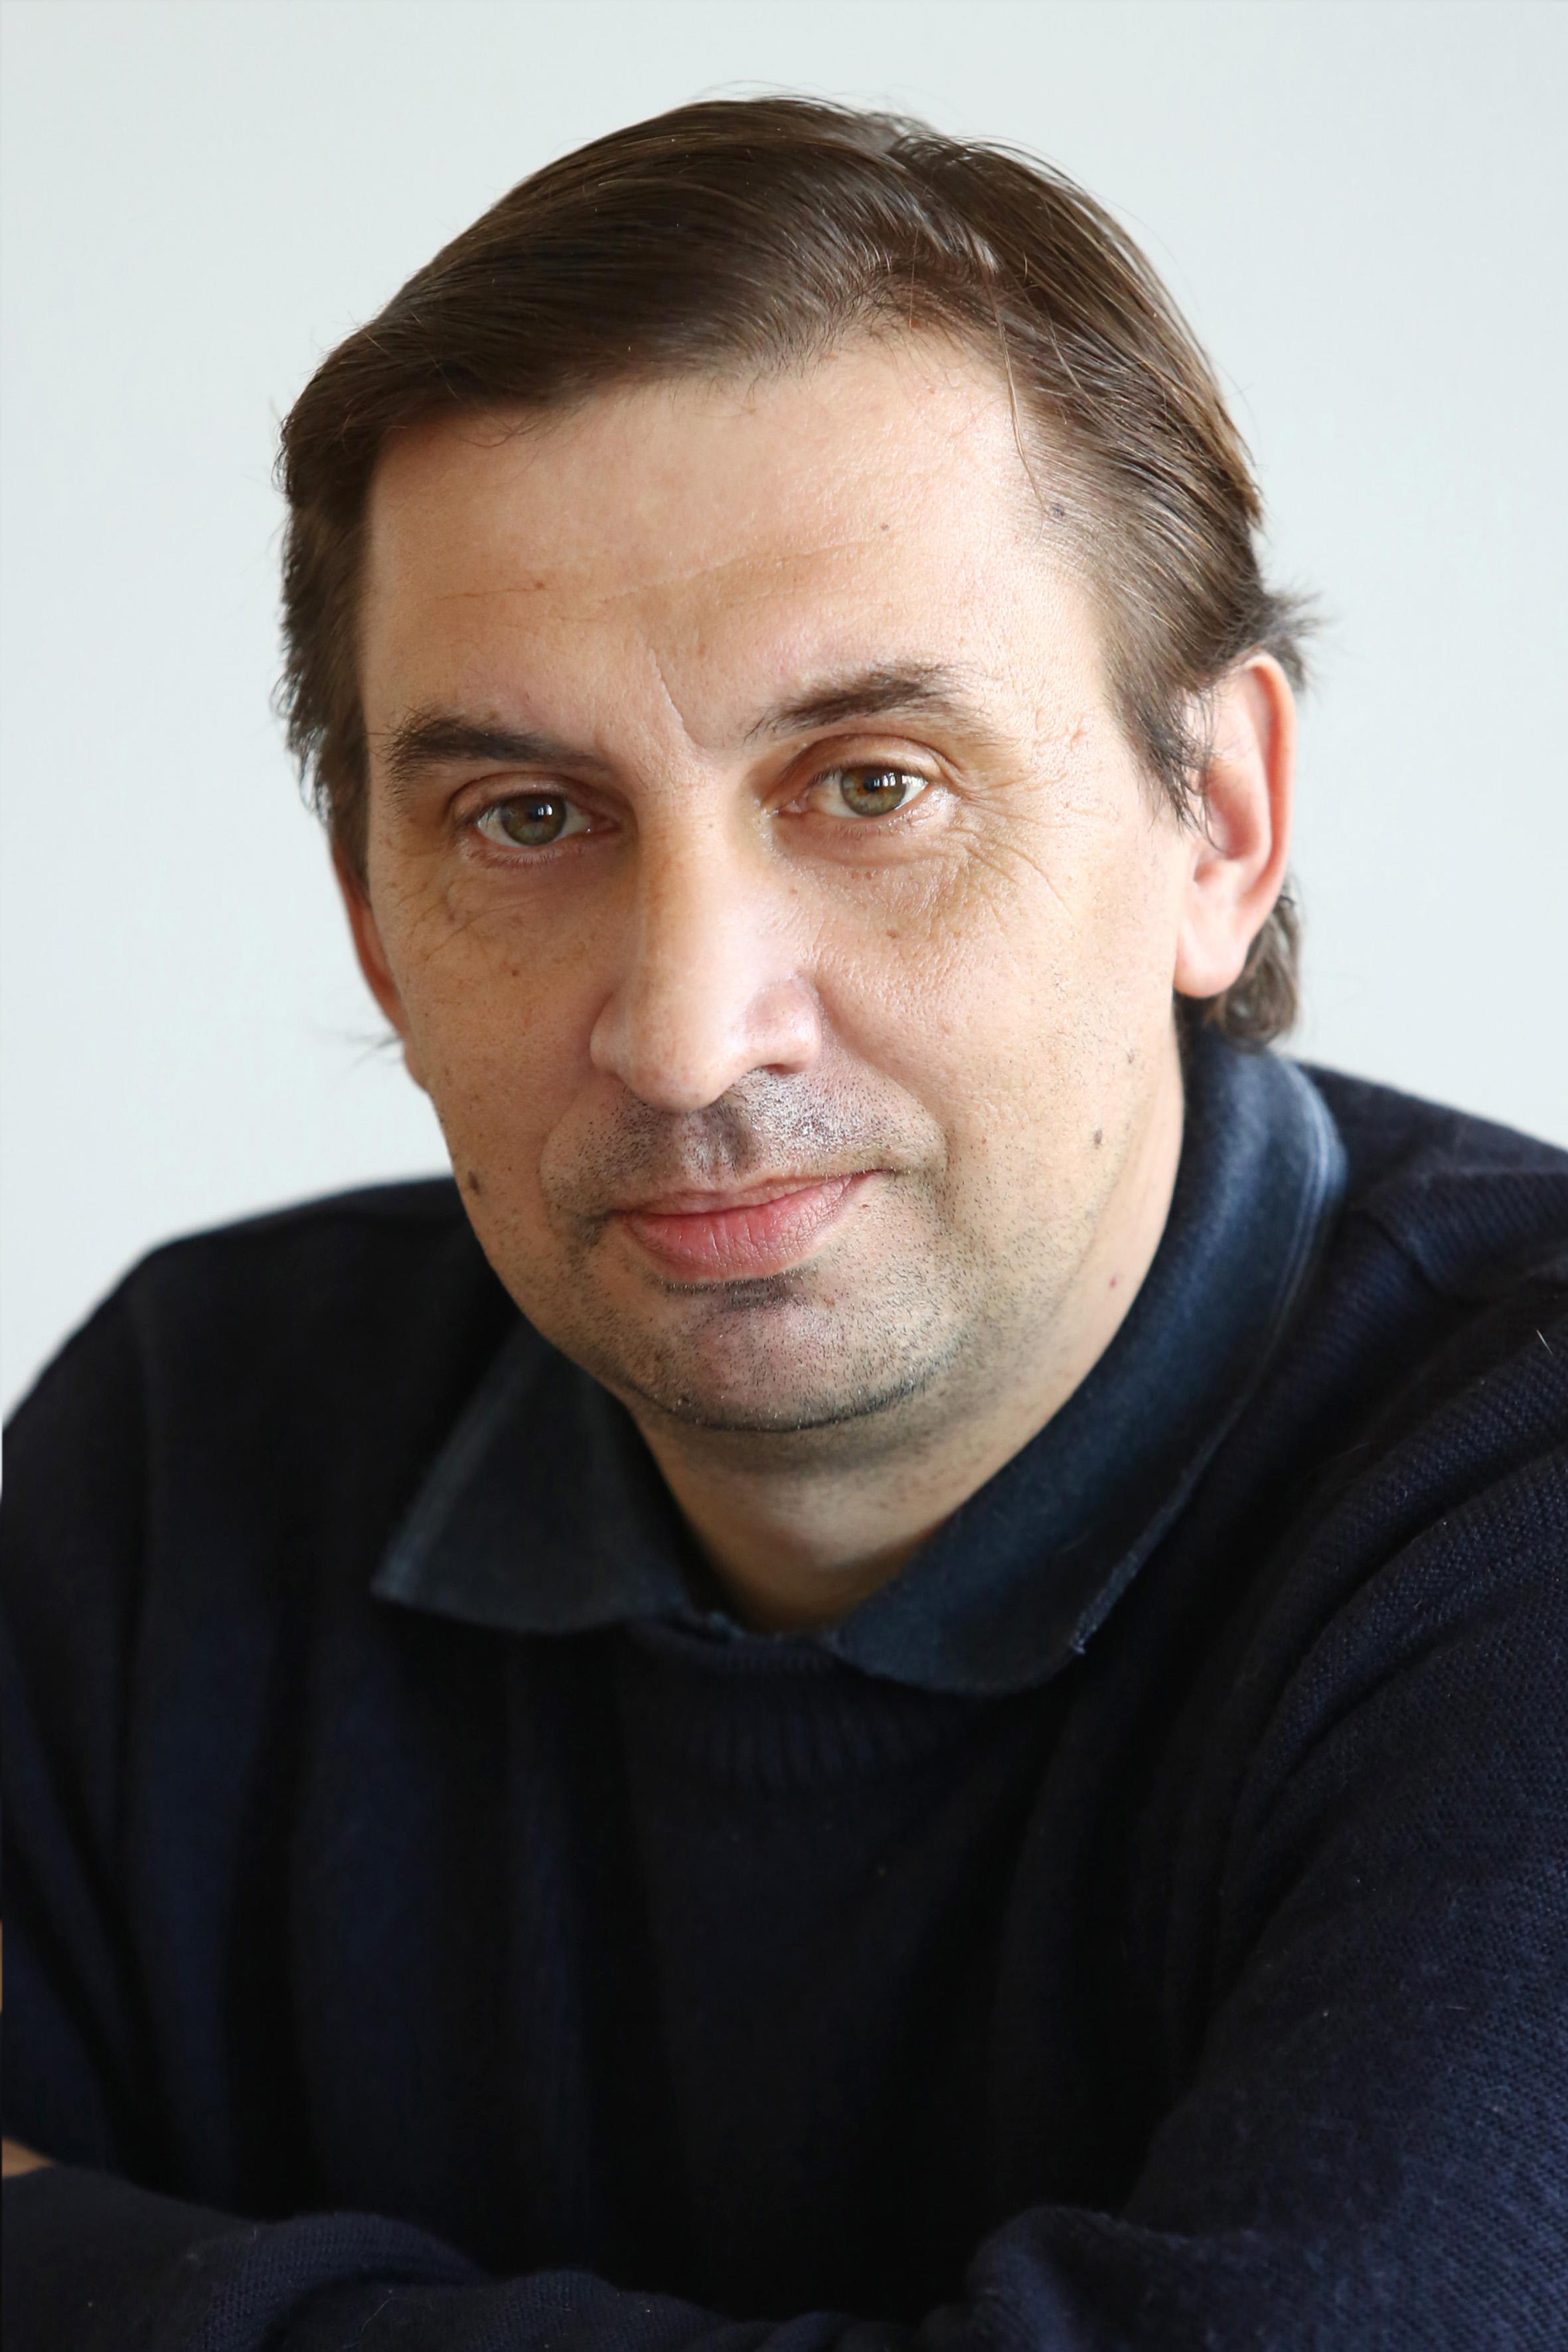 Фото сотрудника к публикации 3. 4. Рыкунов Дмитрий Эдуардович